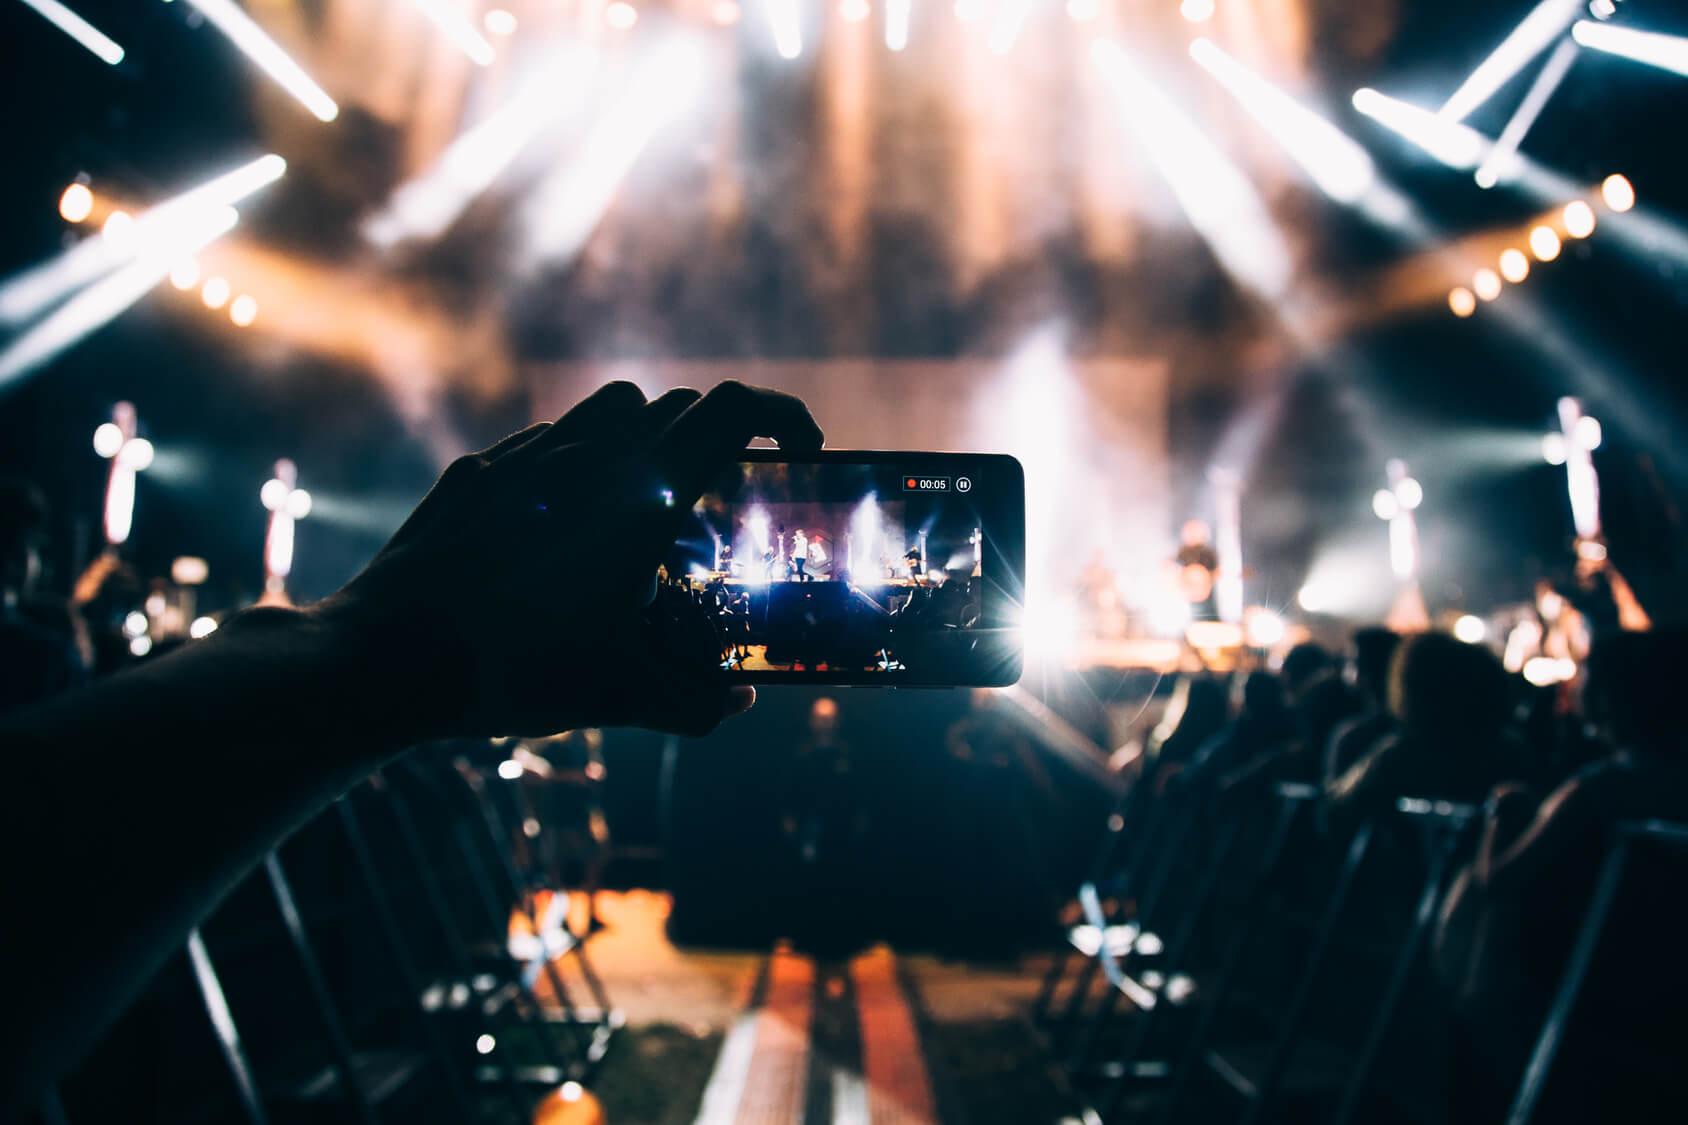 Concert being filmed through an iPhone